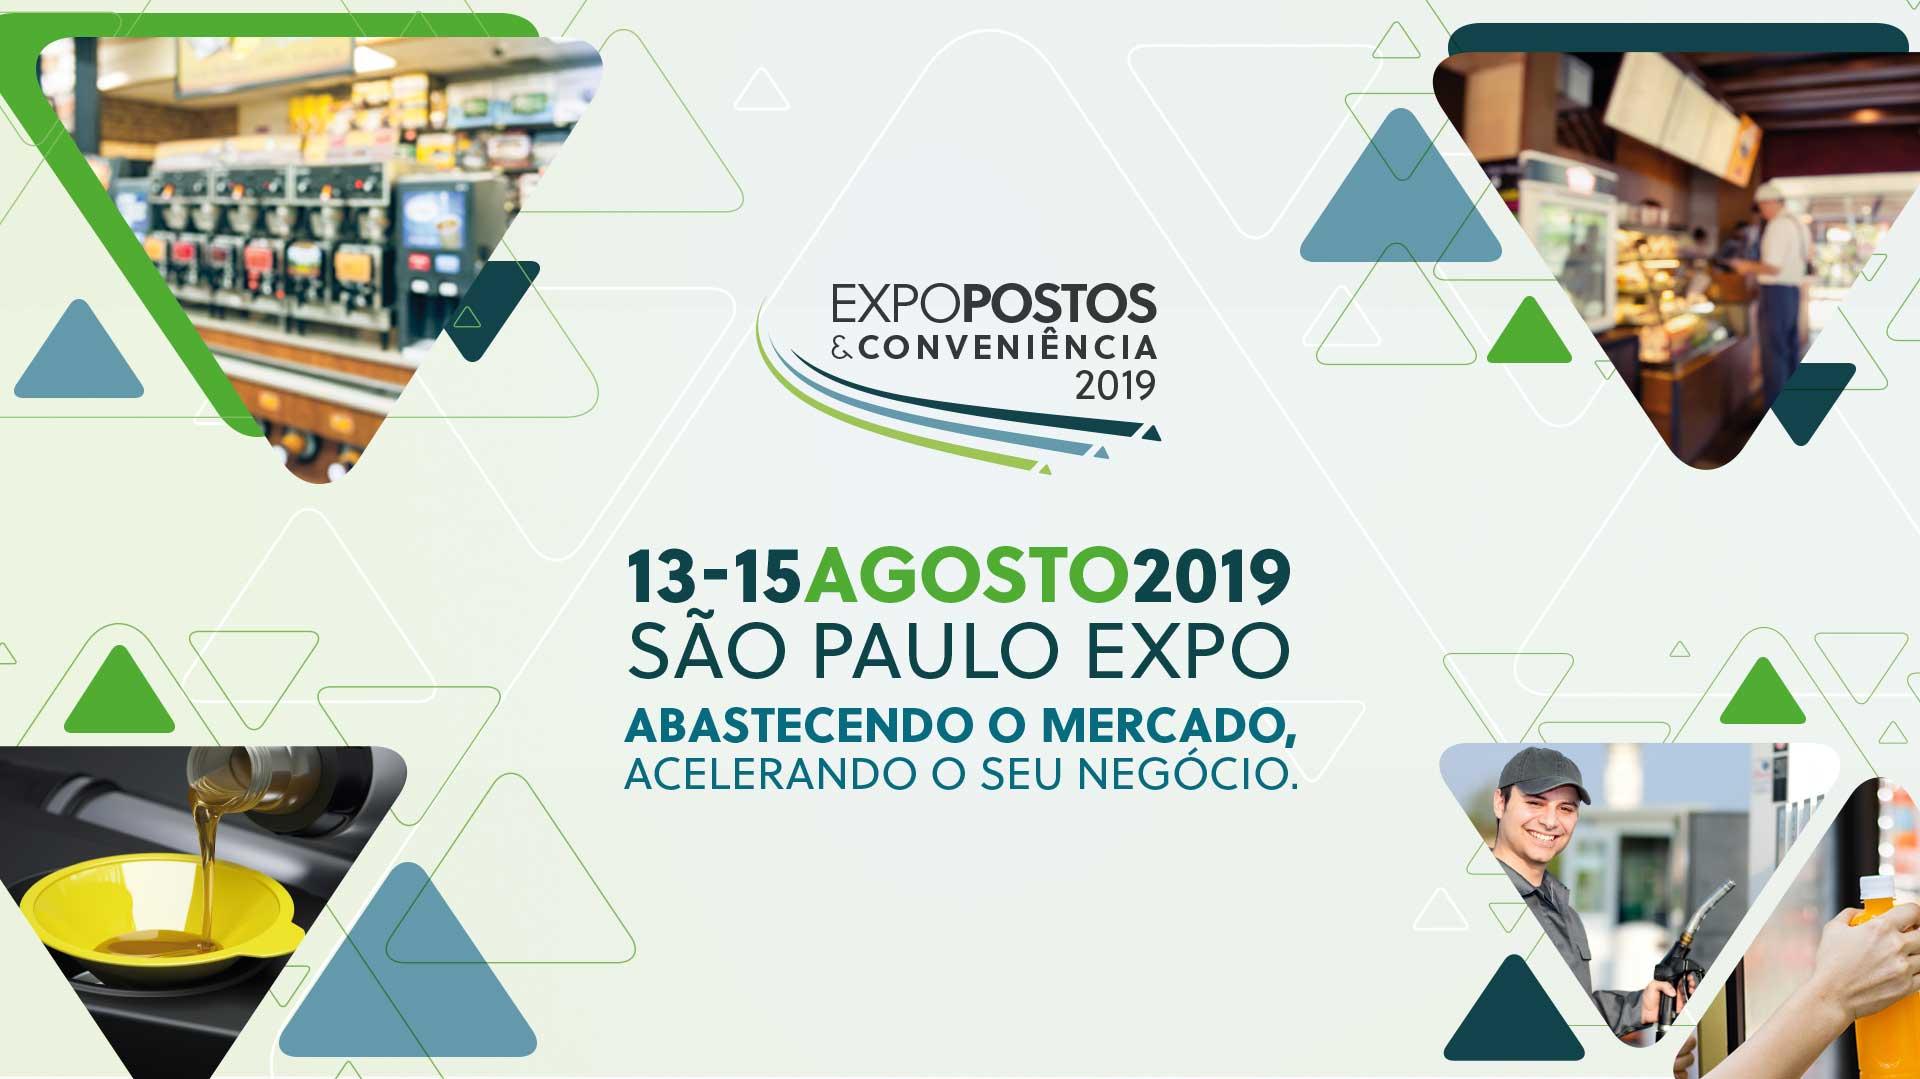 ExpoPostos 2019